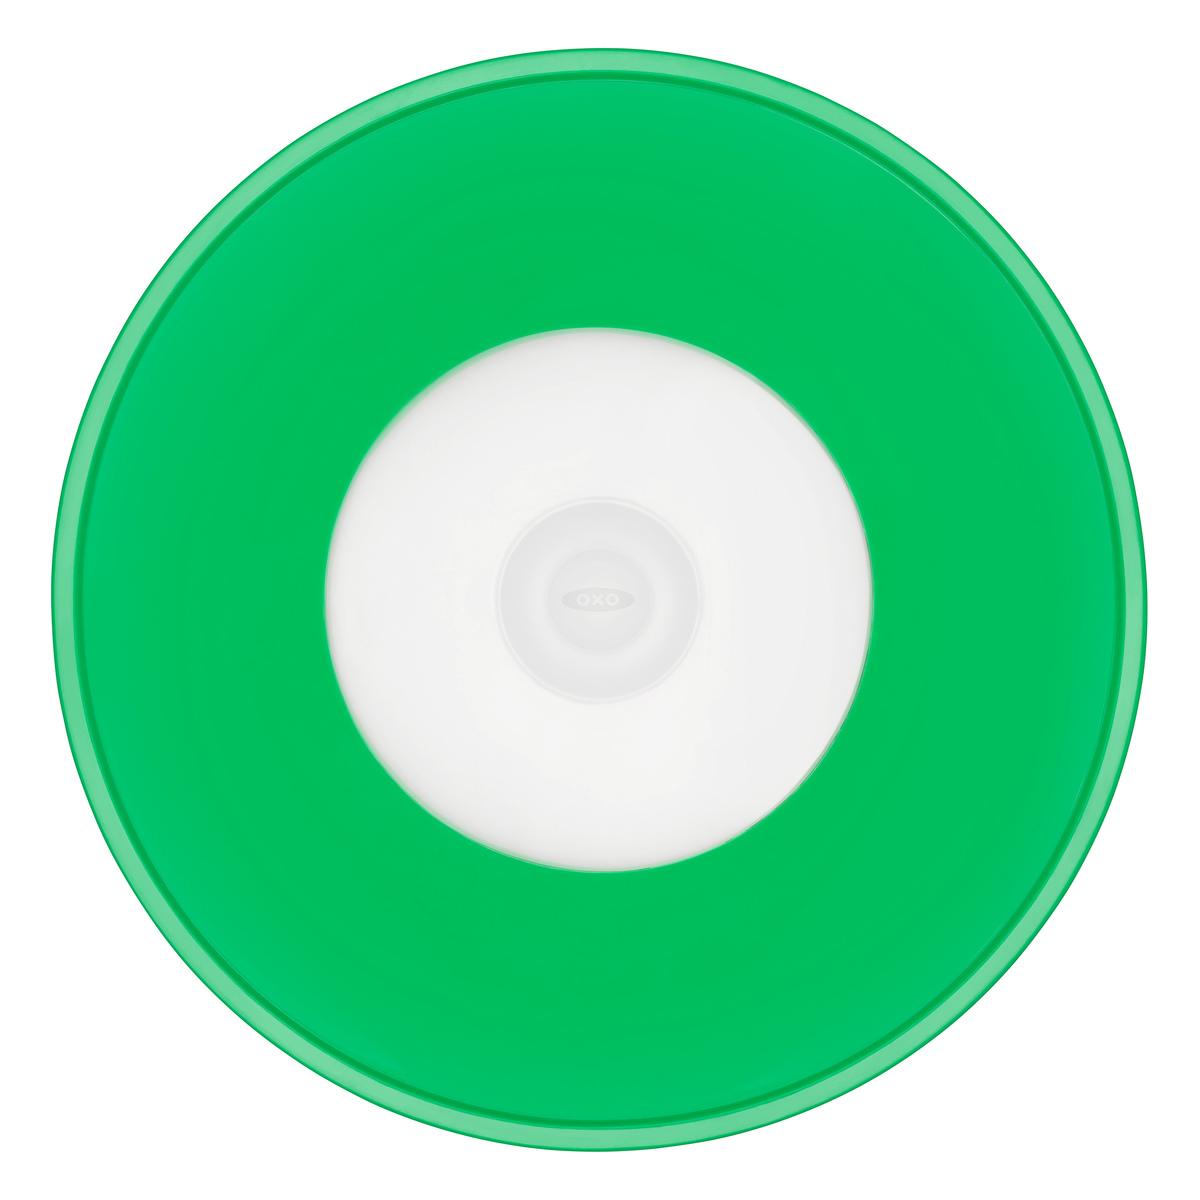 Онлайн каталог PROMENU: Крышка силиконовая большая OXO FOOD STORAGE, диаметр 28 см, зеленый OXO 11242500